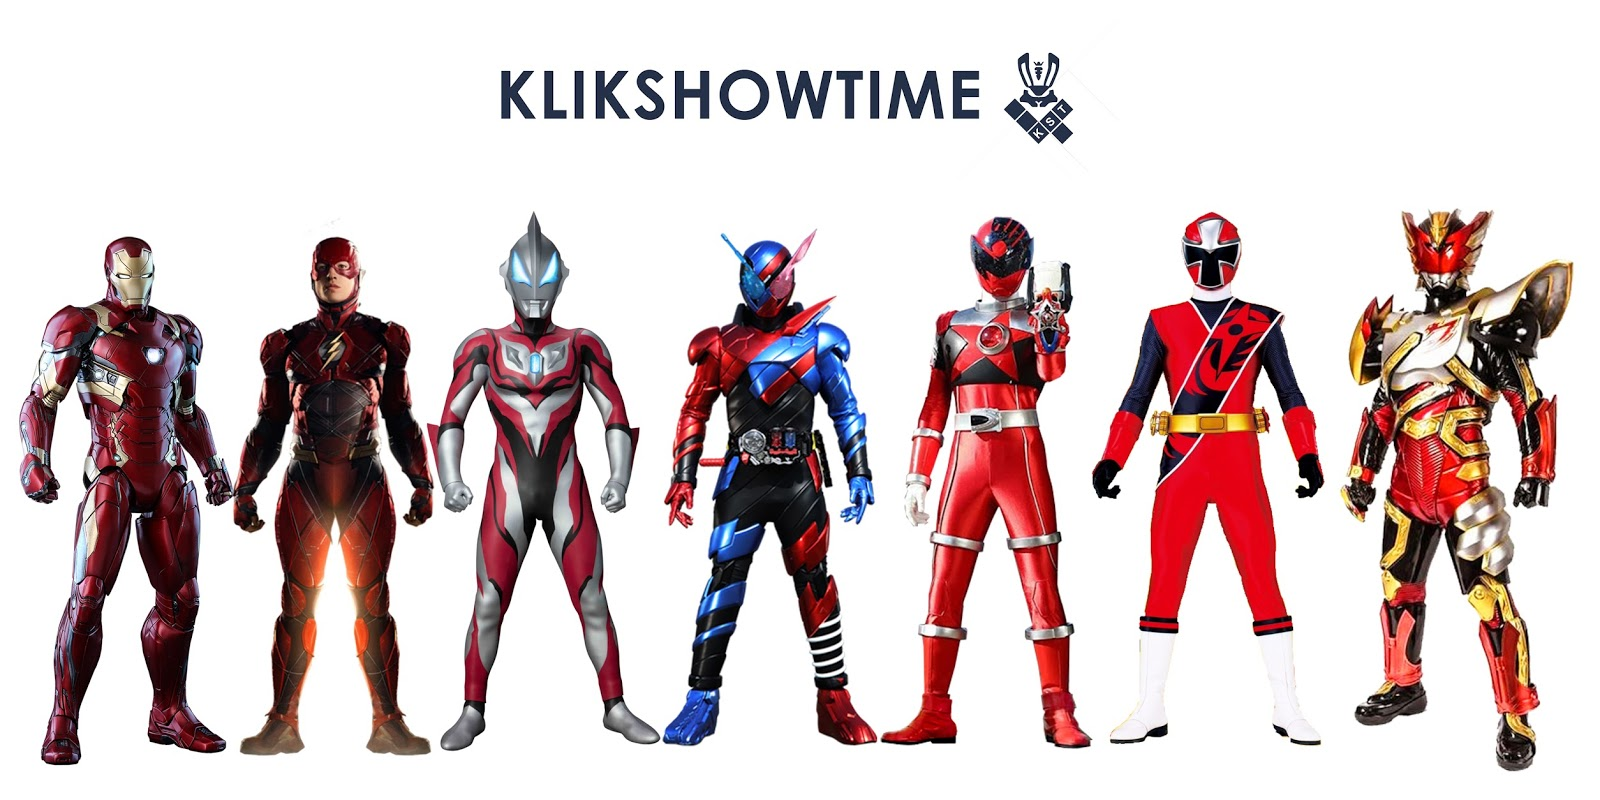 klikshowtime: Profile of Klikshowtime